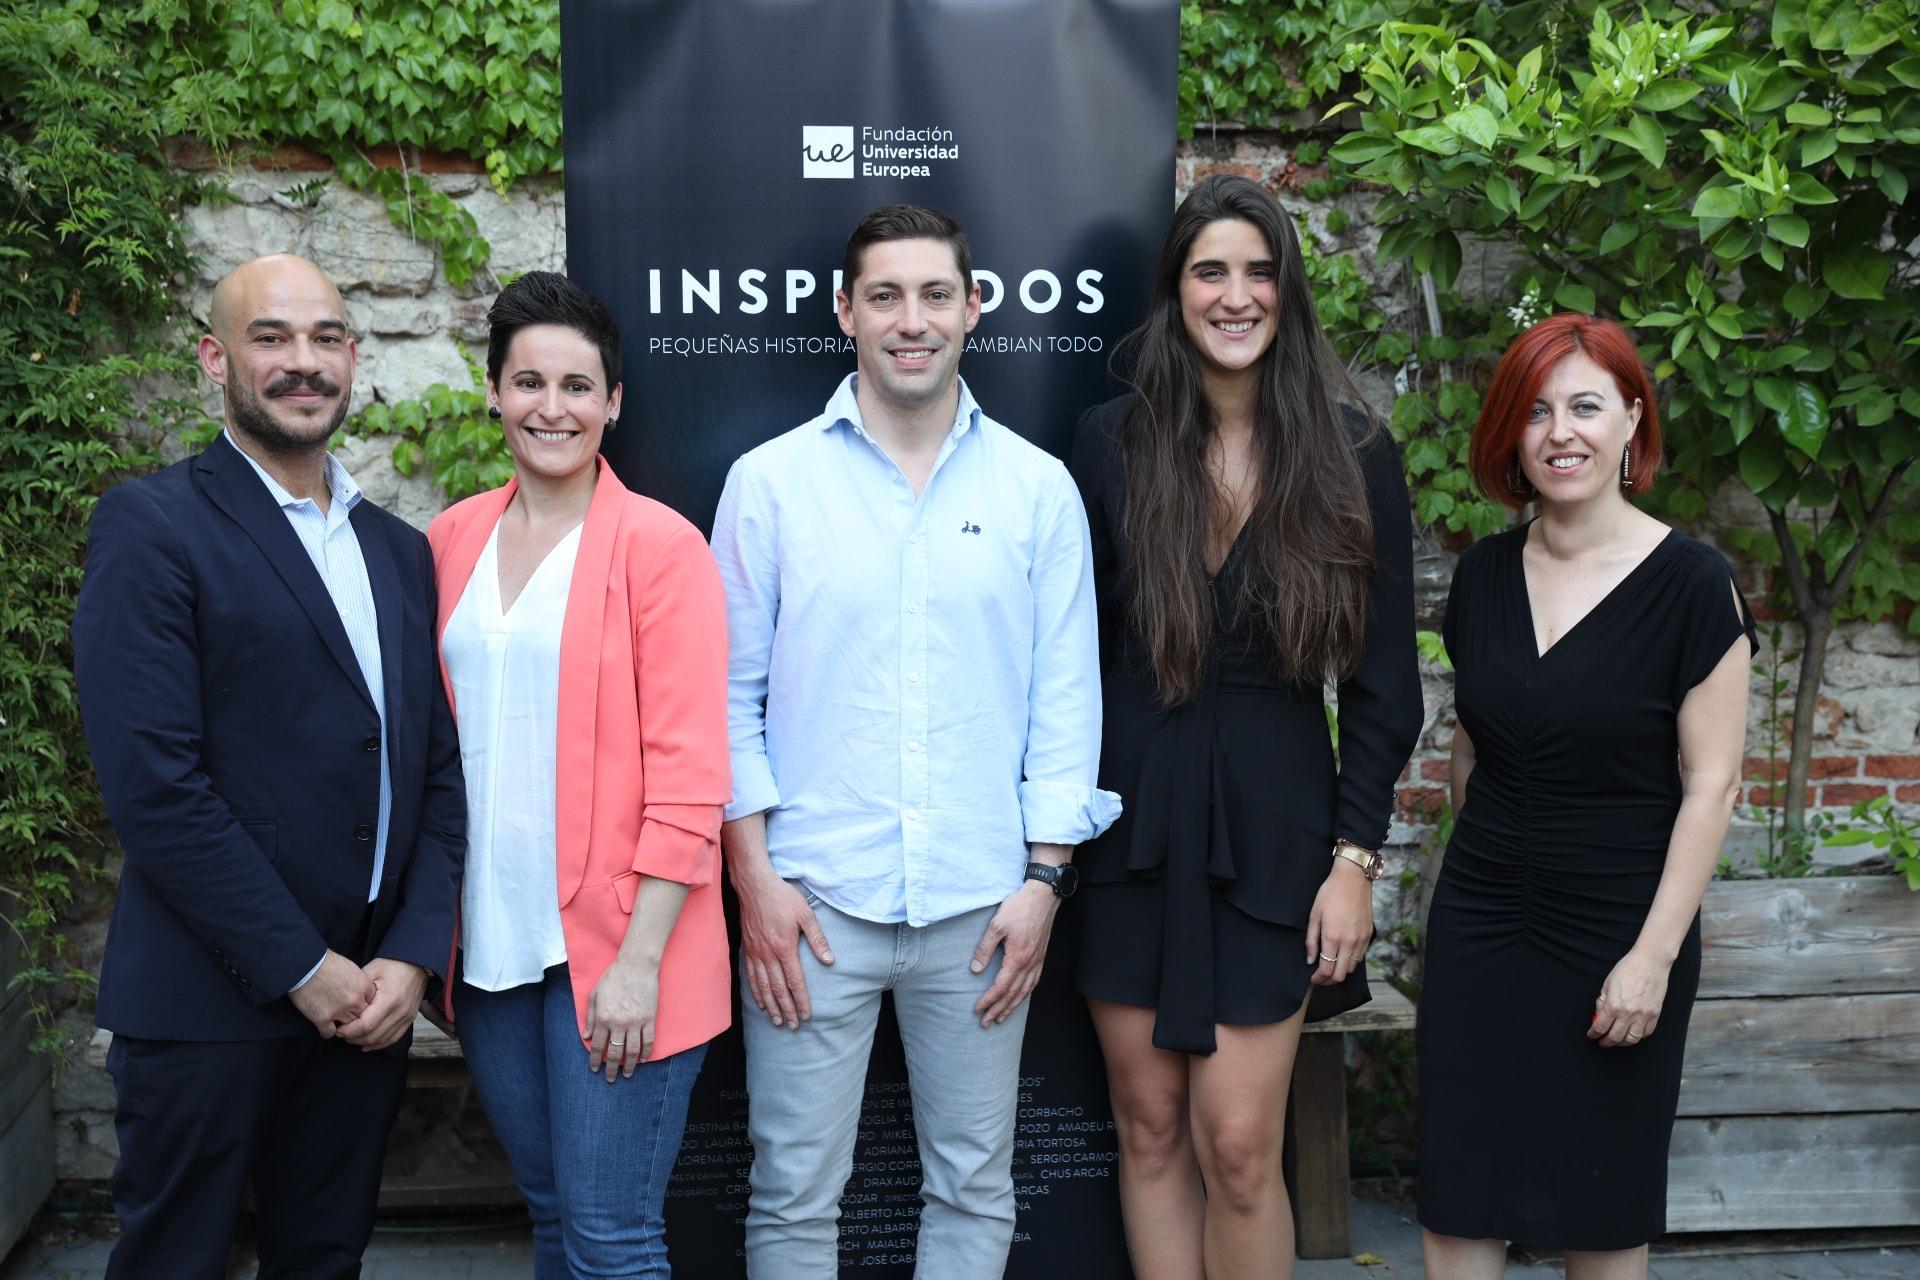 inspirados premios emprendimiento social jovenes emprendedores